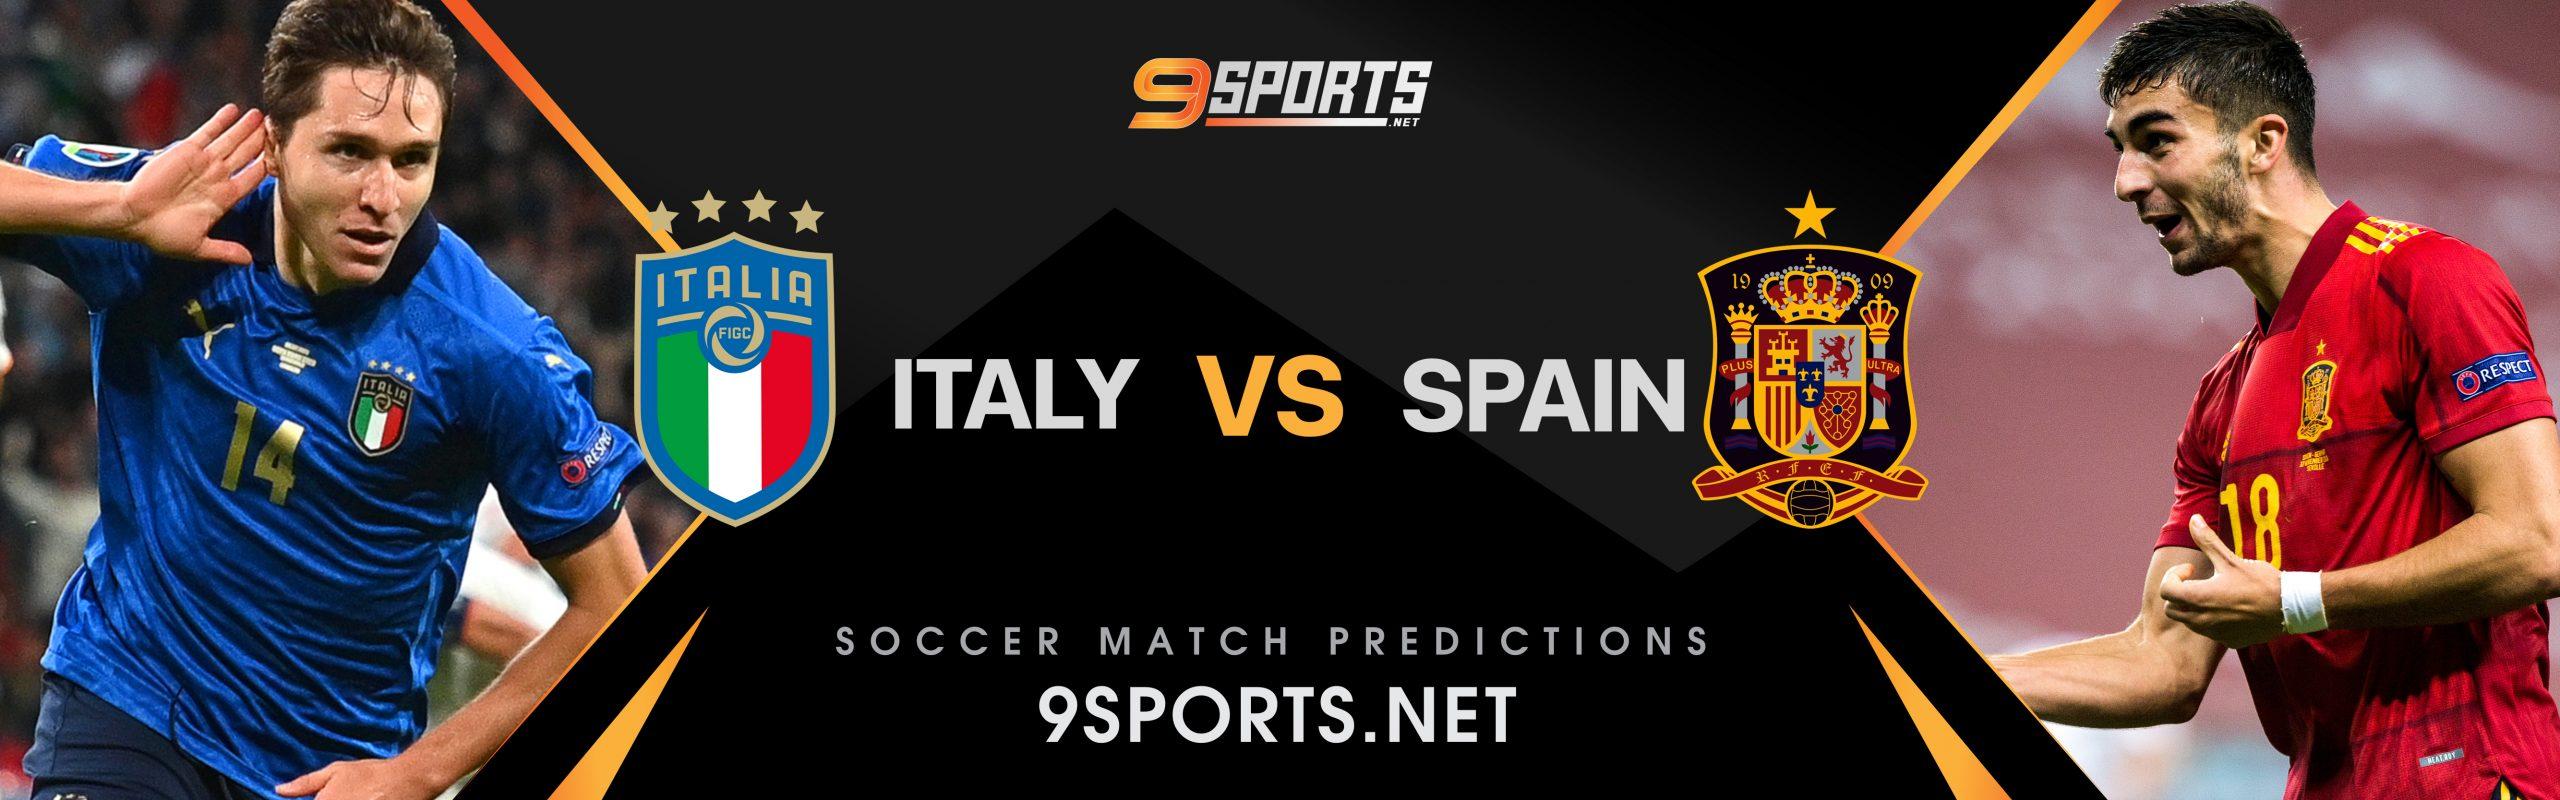 ทีเด็ดวิเคราะห์บอล 9Sports UEFA Nations League  อิตาลี VS สเปน